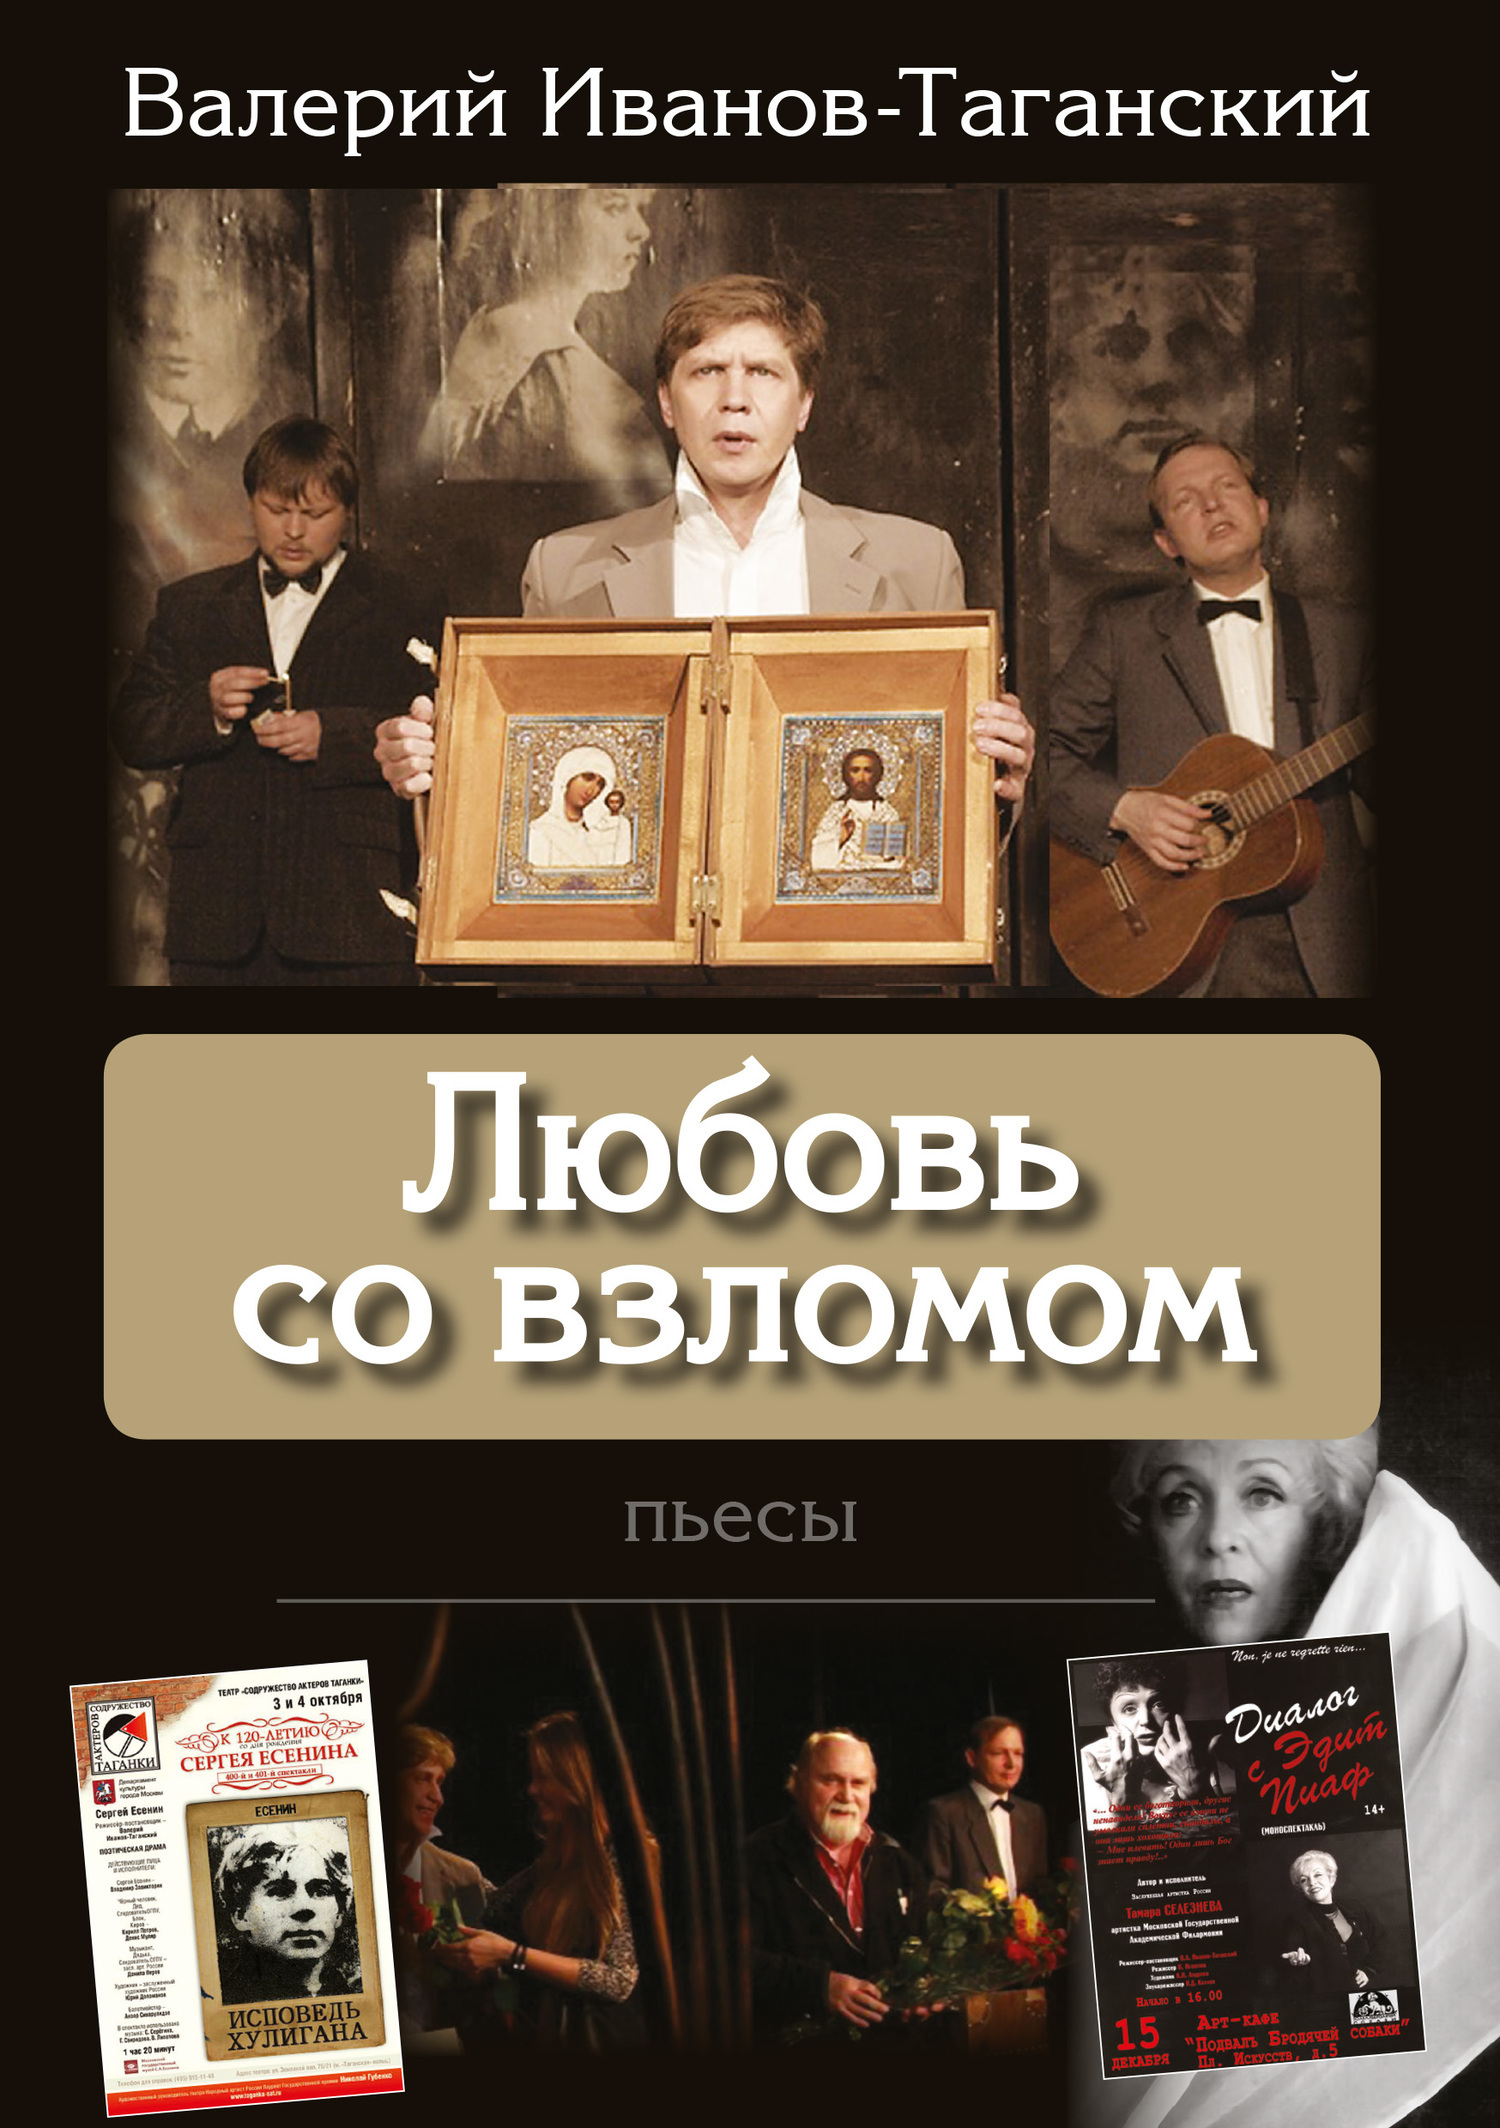 Валерий Иванов-Таганский - Любовь со взломом (пьесы)